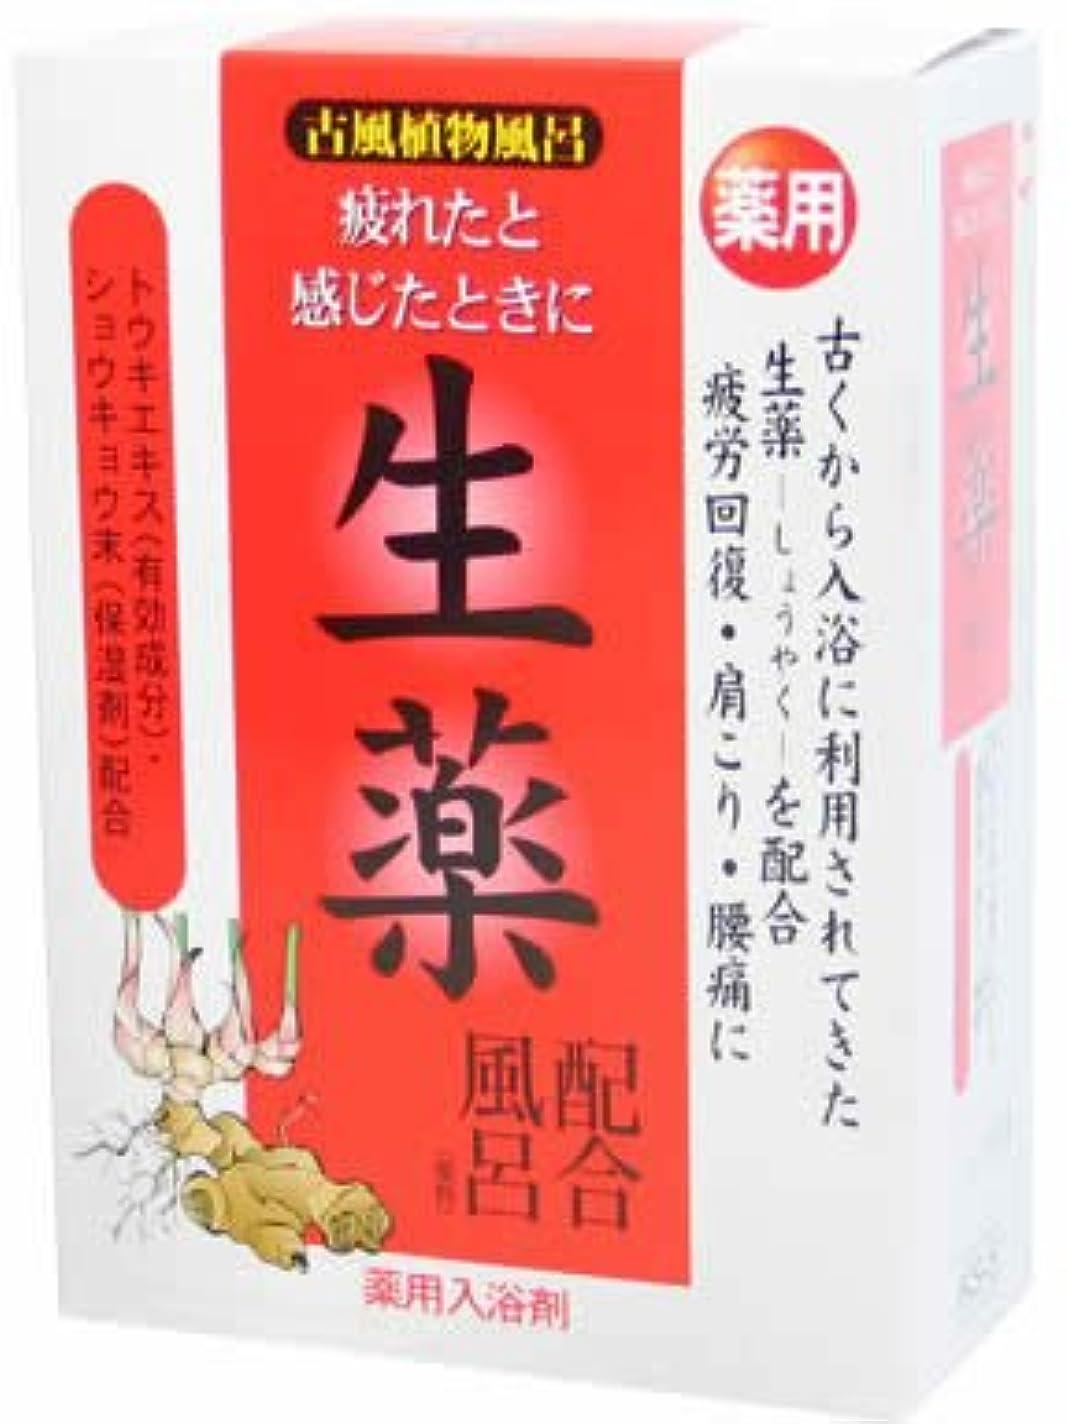 天気フィヨルドダーツ古風植物風呂 生薬配合風呂 25g×5包(入浴剤) [医薬部外品]